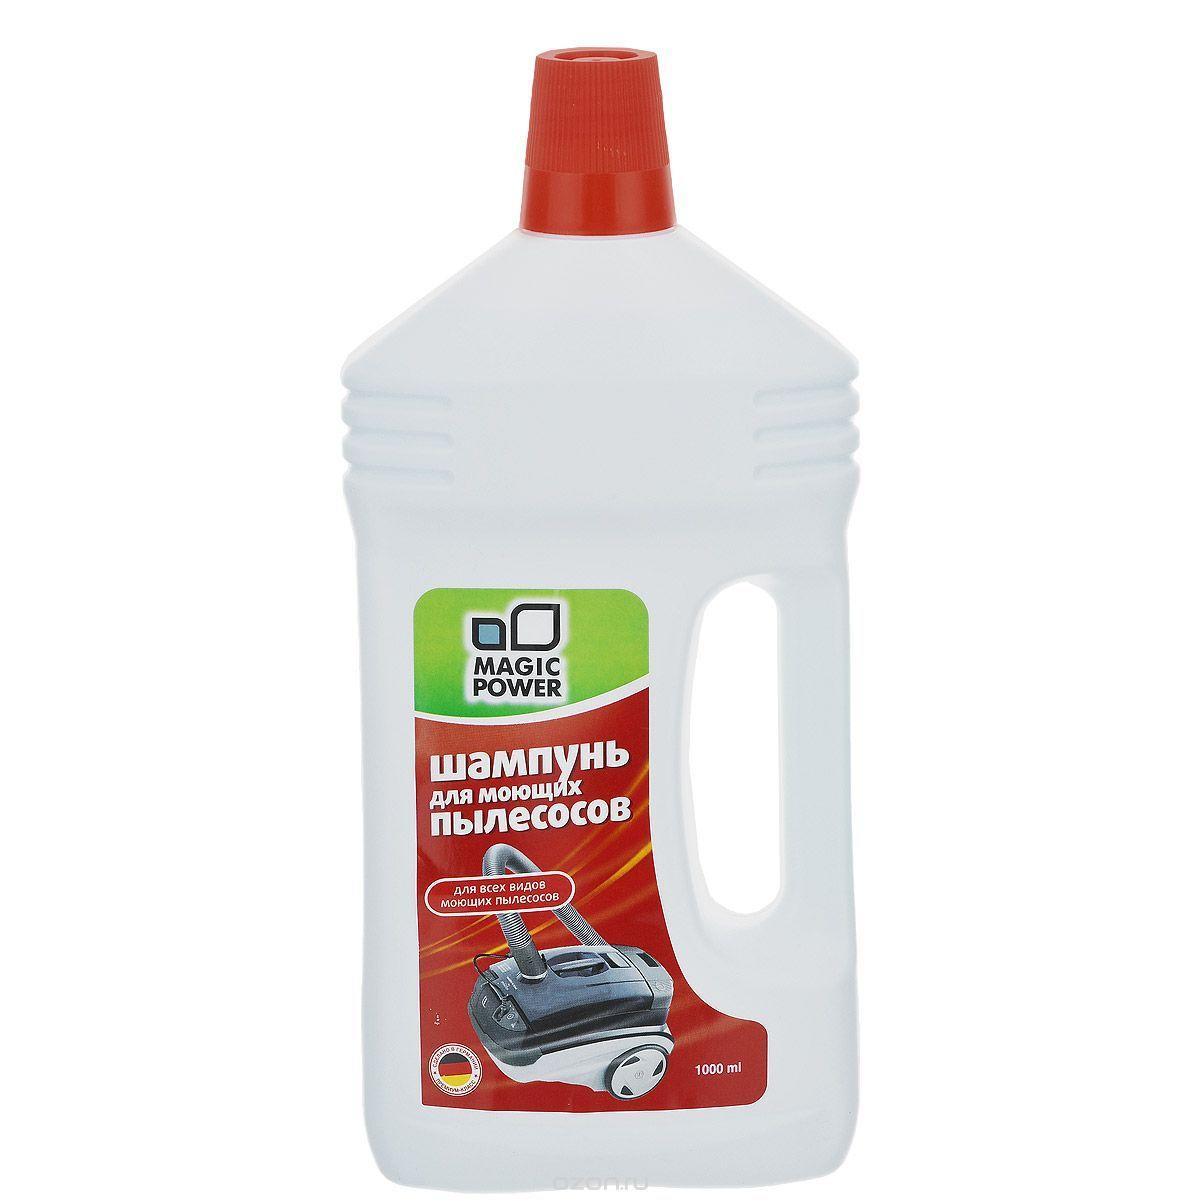 Моющее средство для моющего пылесоса: особенности шампуня для пылесоса. как выбрать и чем можно заменить жидкость для пылесоса?